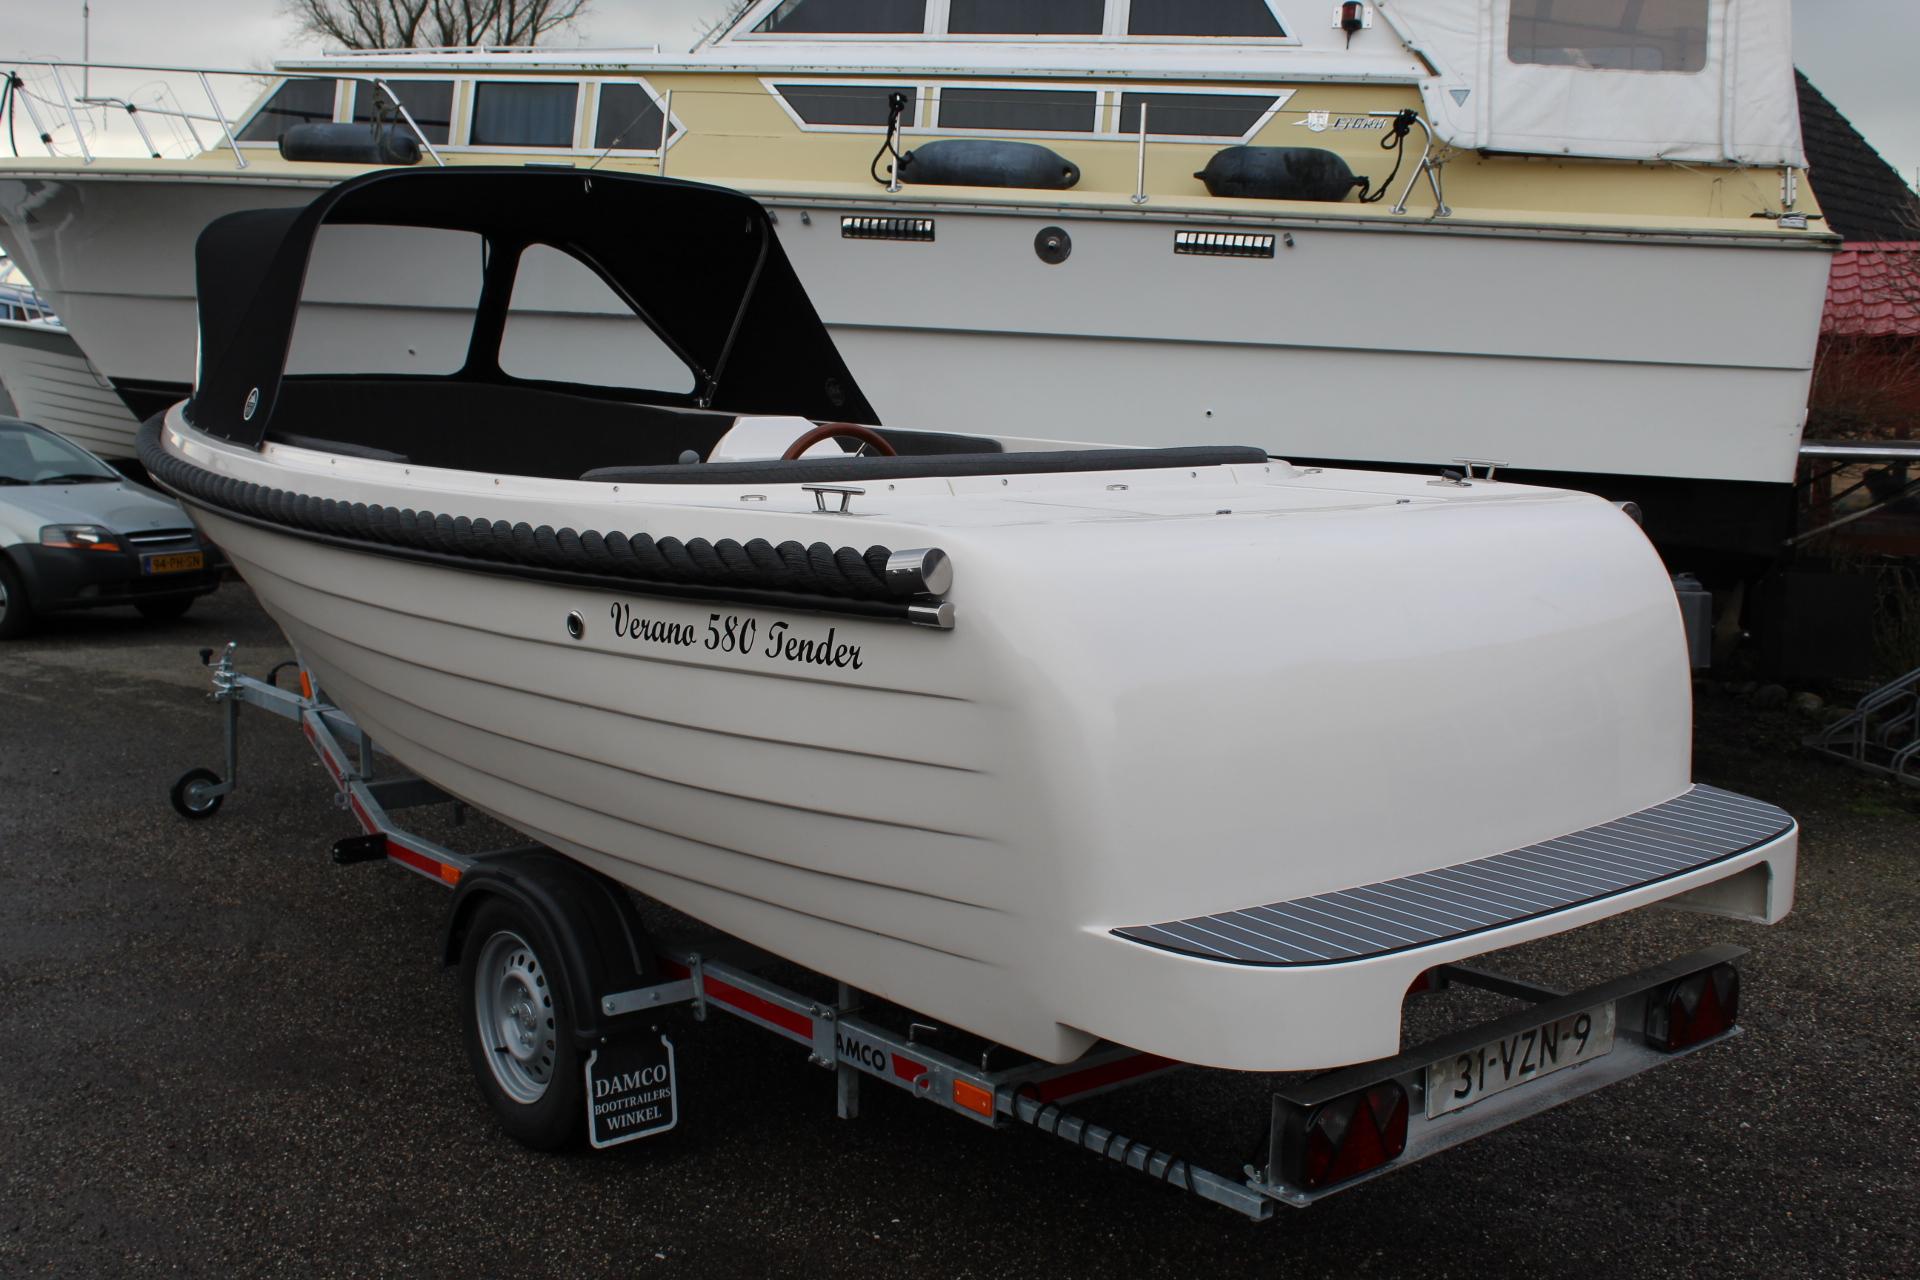 Verano 580 T